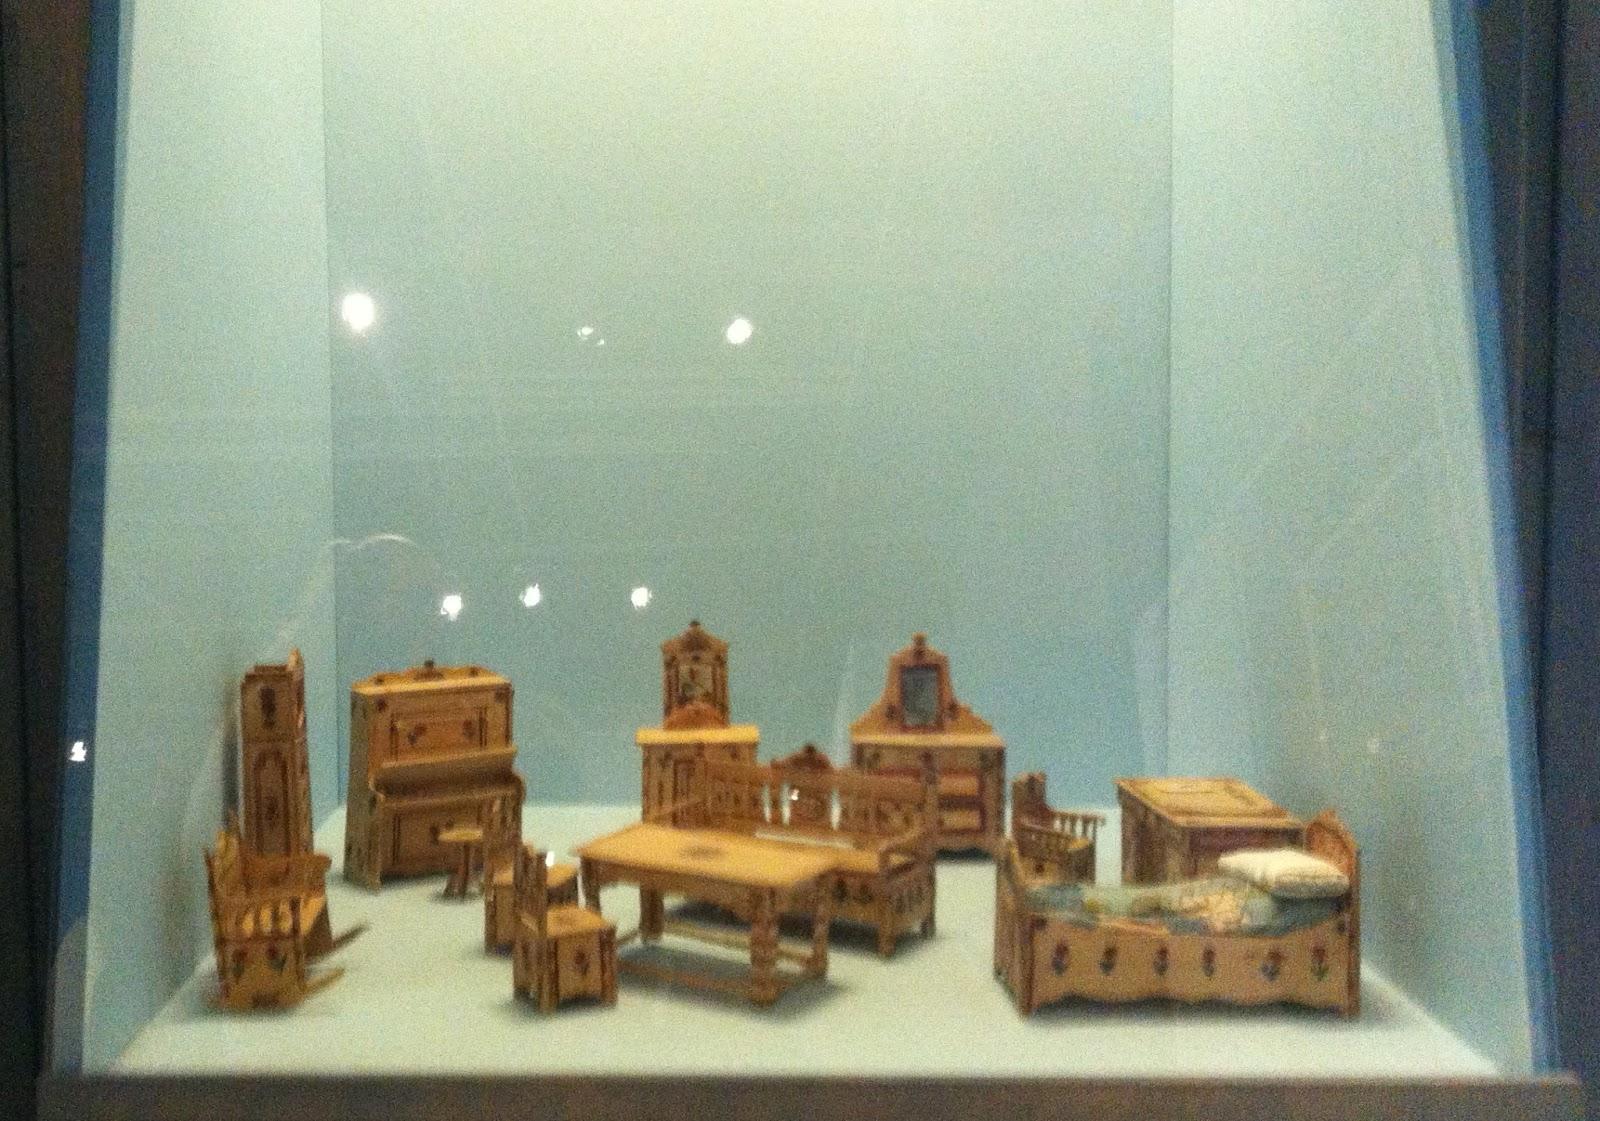 Museokeskus vapriikki, aika leikkiä-näyttely, tampere, tampella